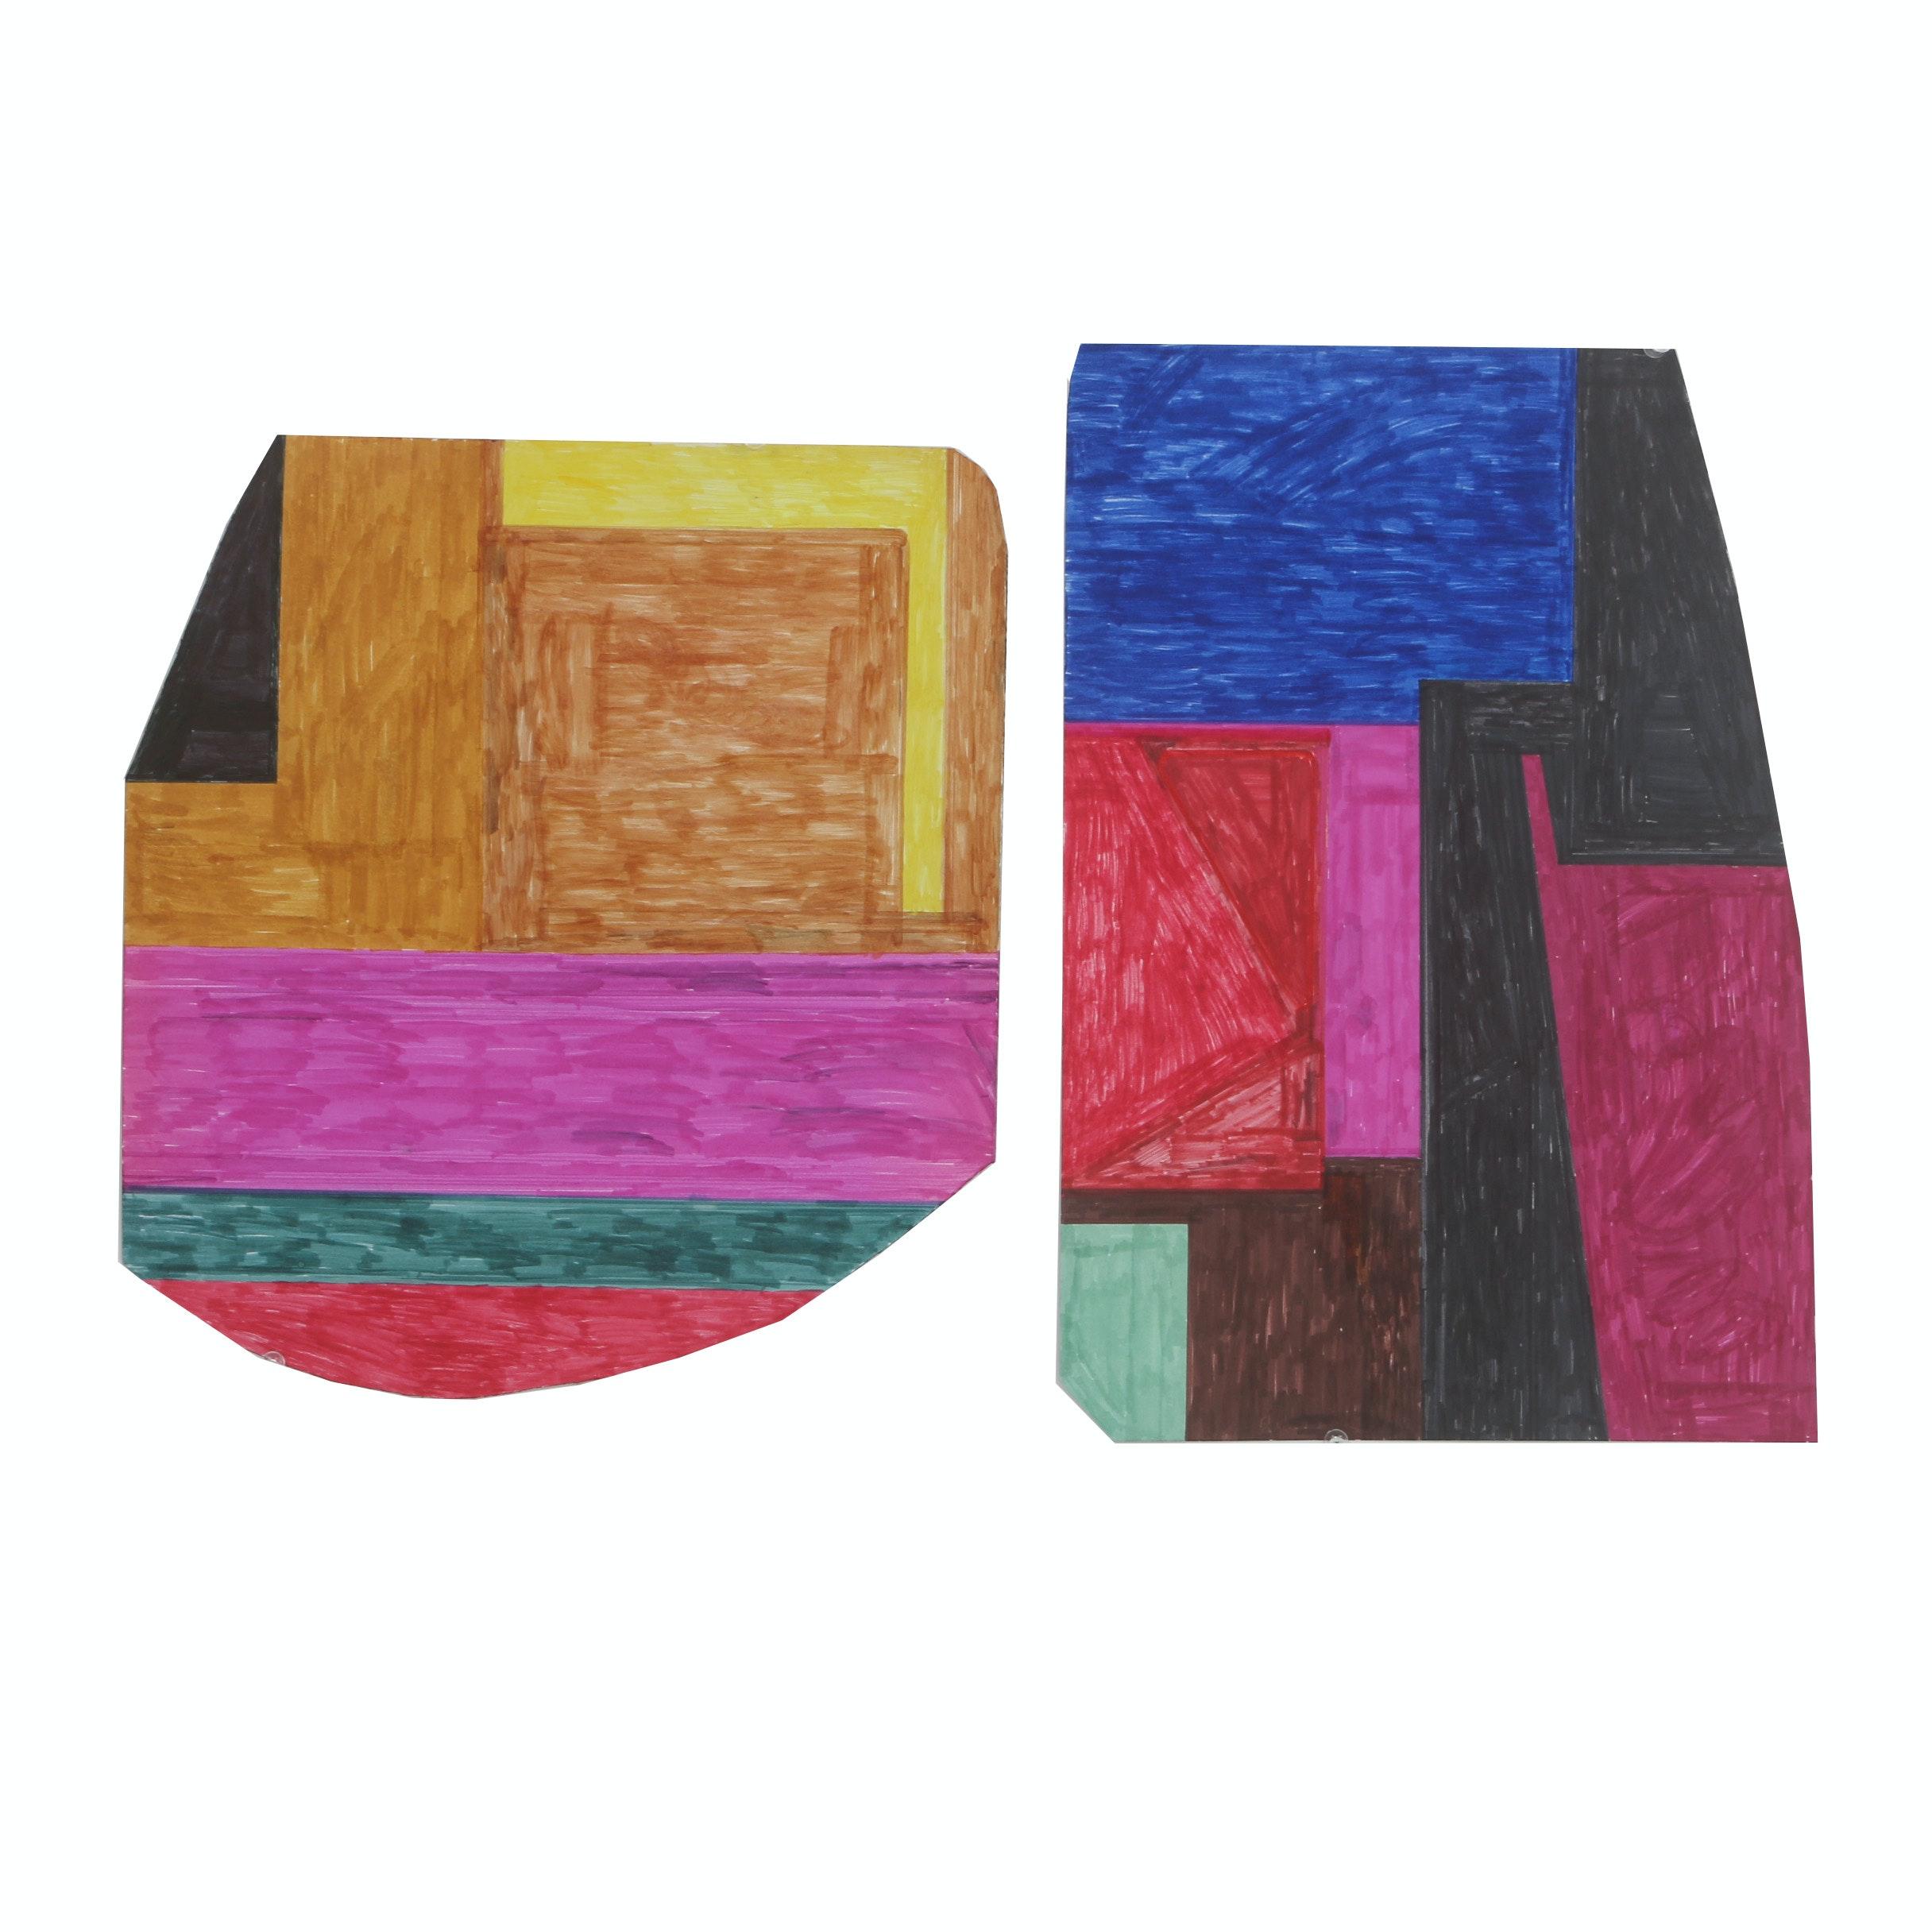 Pair of John Nusekabel Abstract Marker Drawings